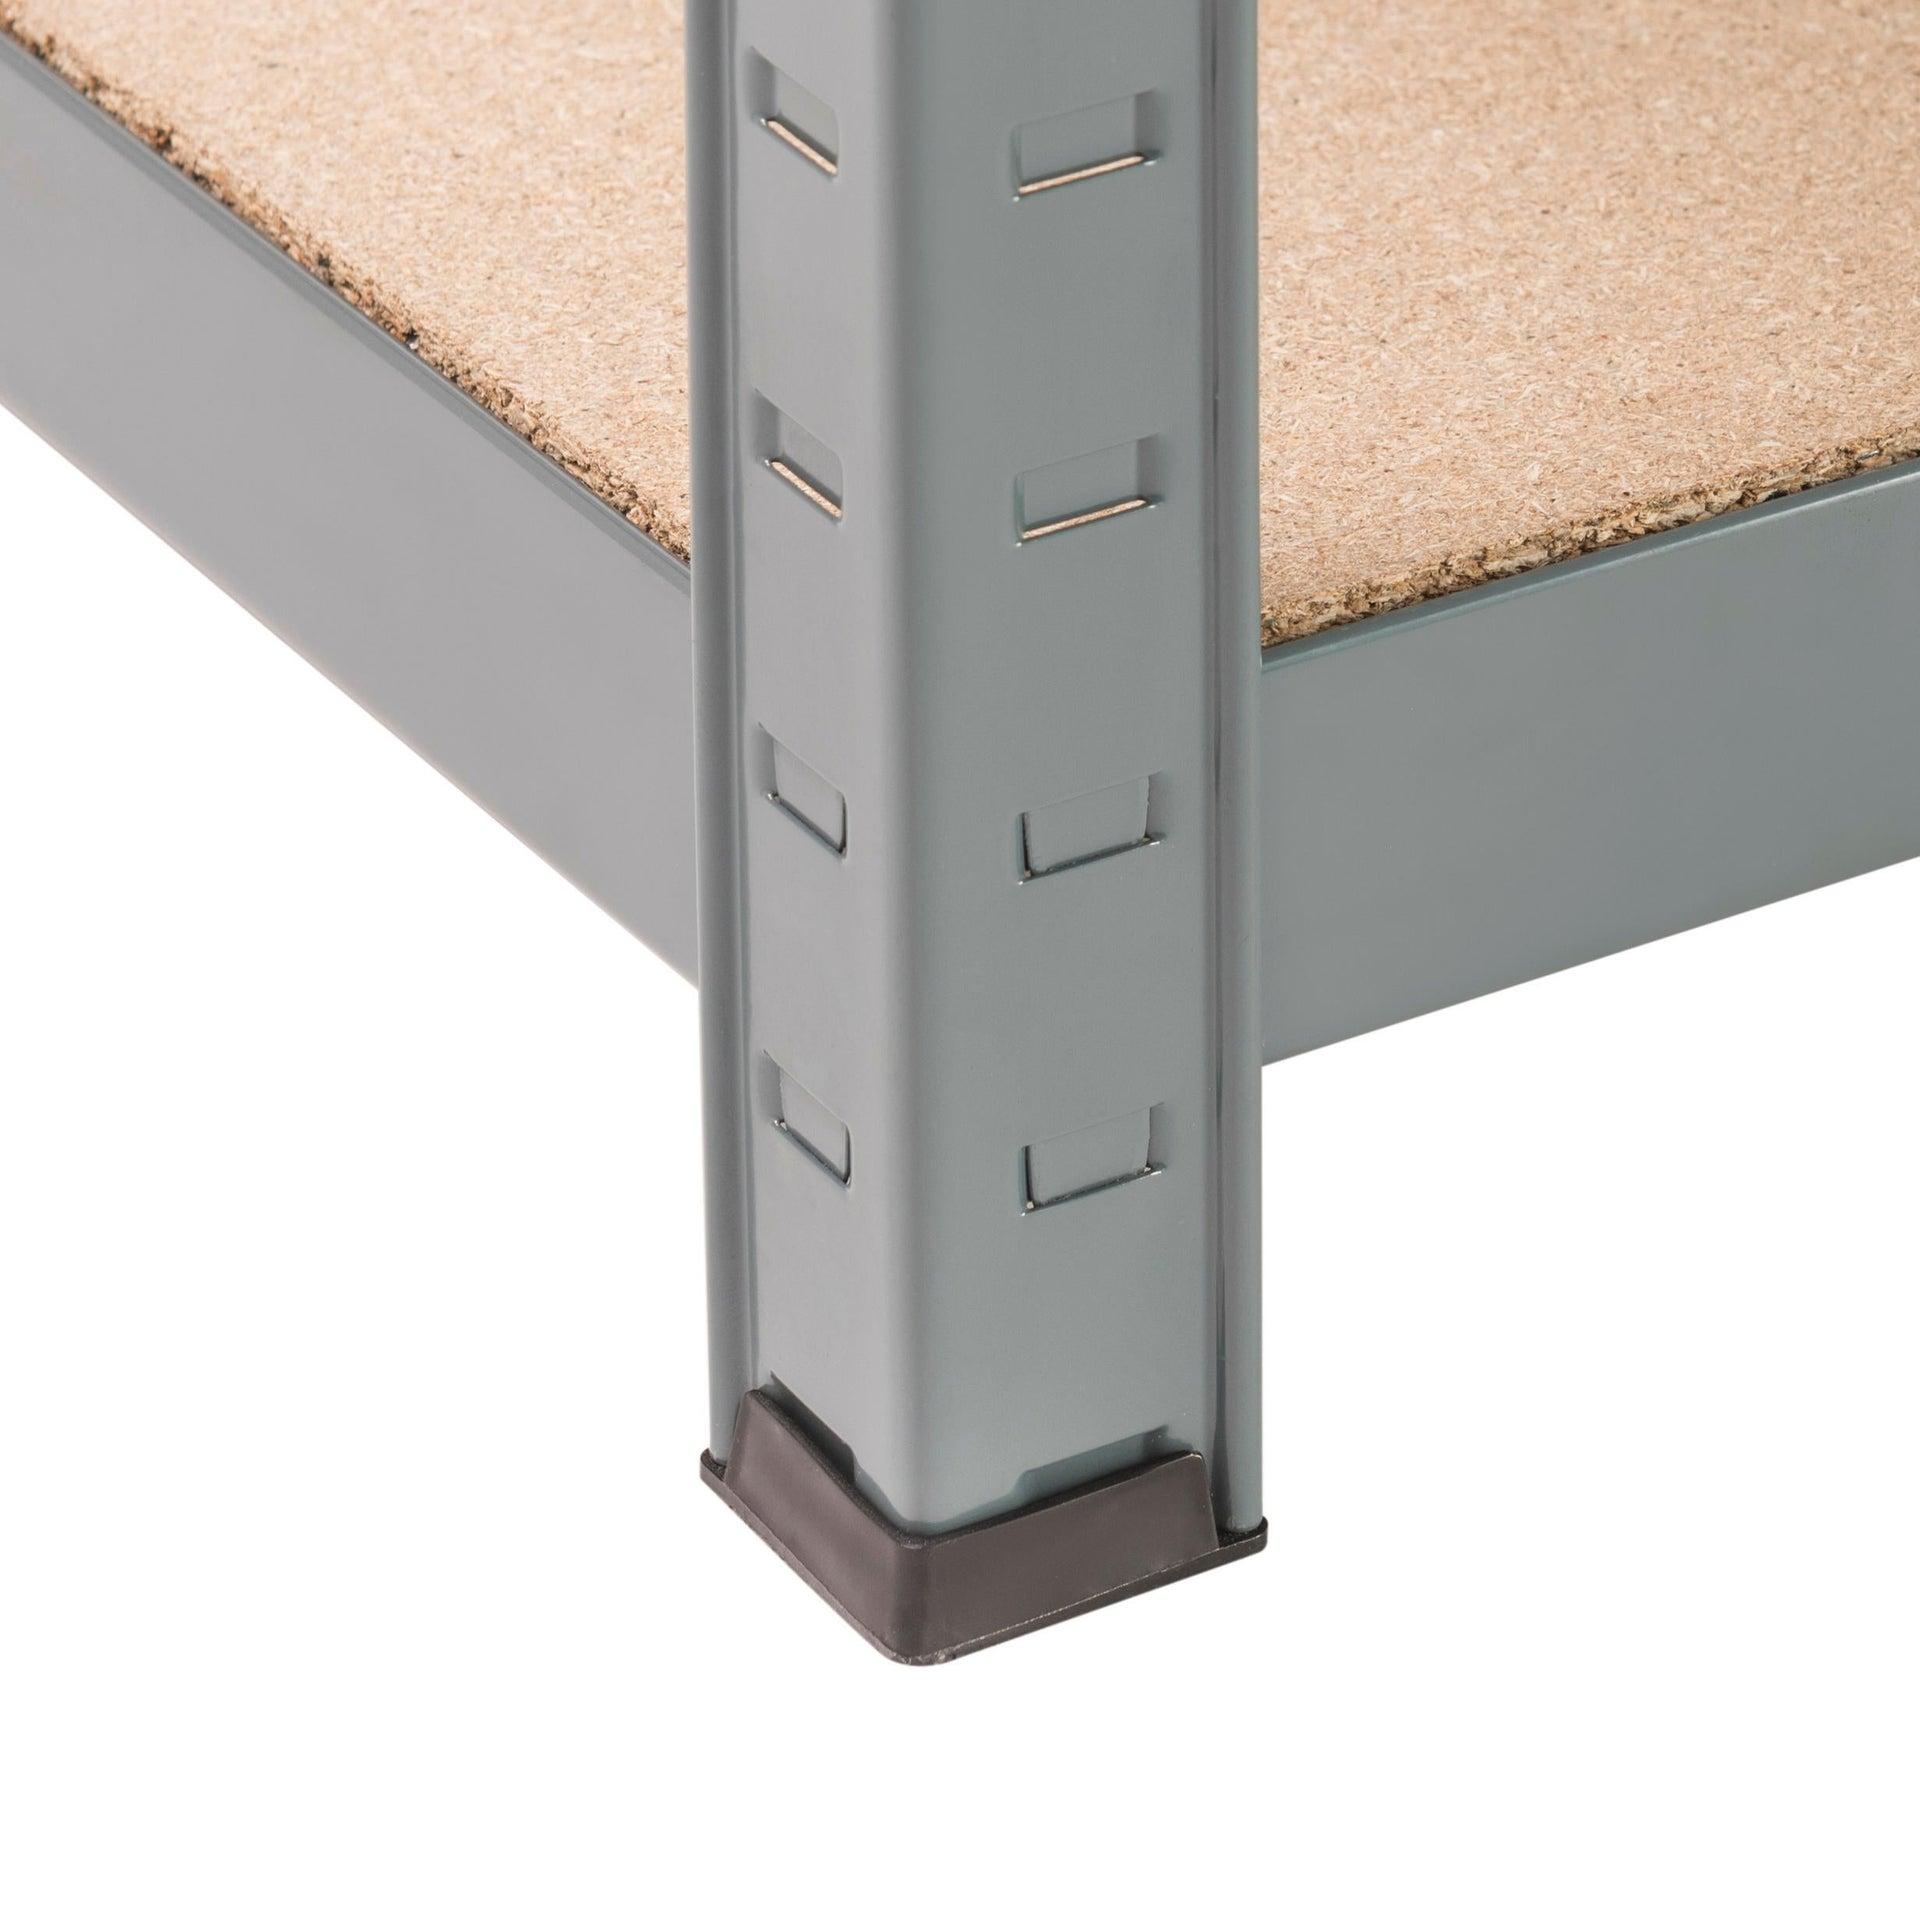 Scaffale in metallo in kit Spaceo L 100 x P 50 x H 196 cm grigio antracite - 3